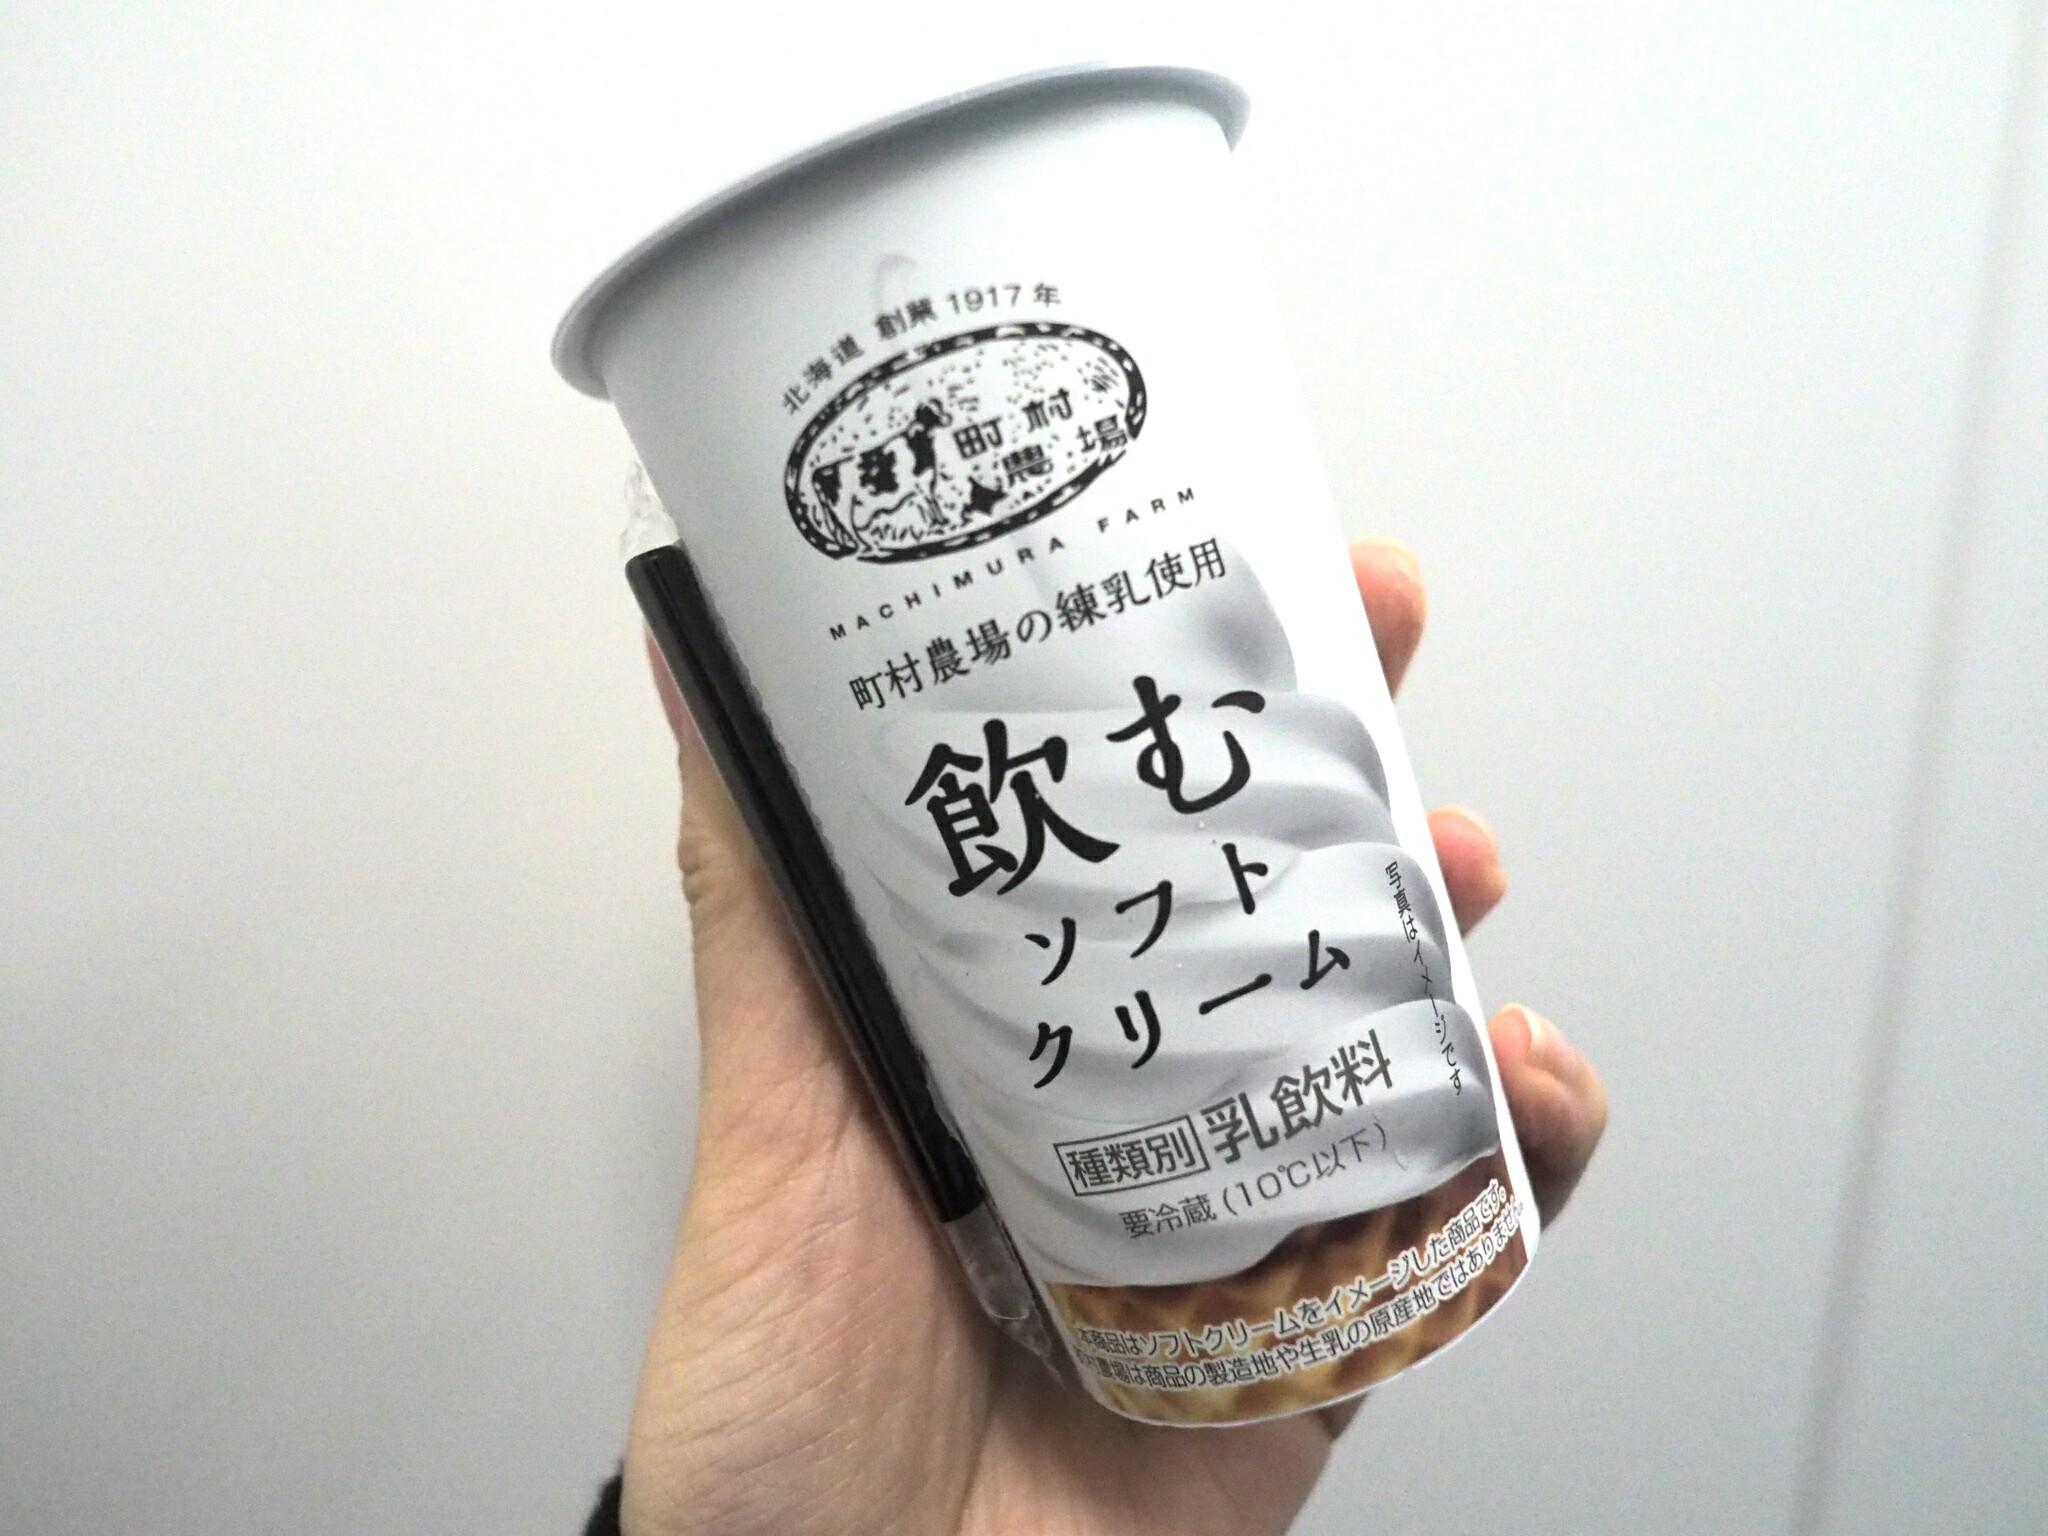 【ローソン】新発売の飲むソフトクリームを飲んでみた。